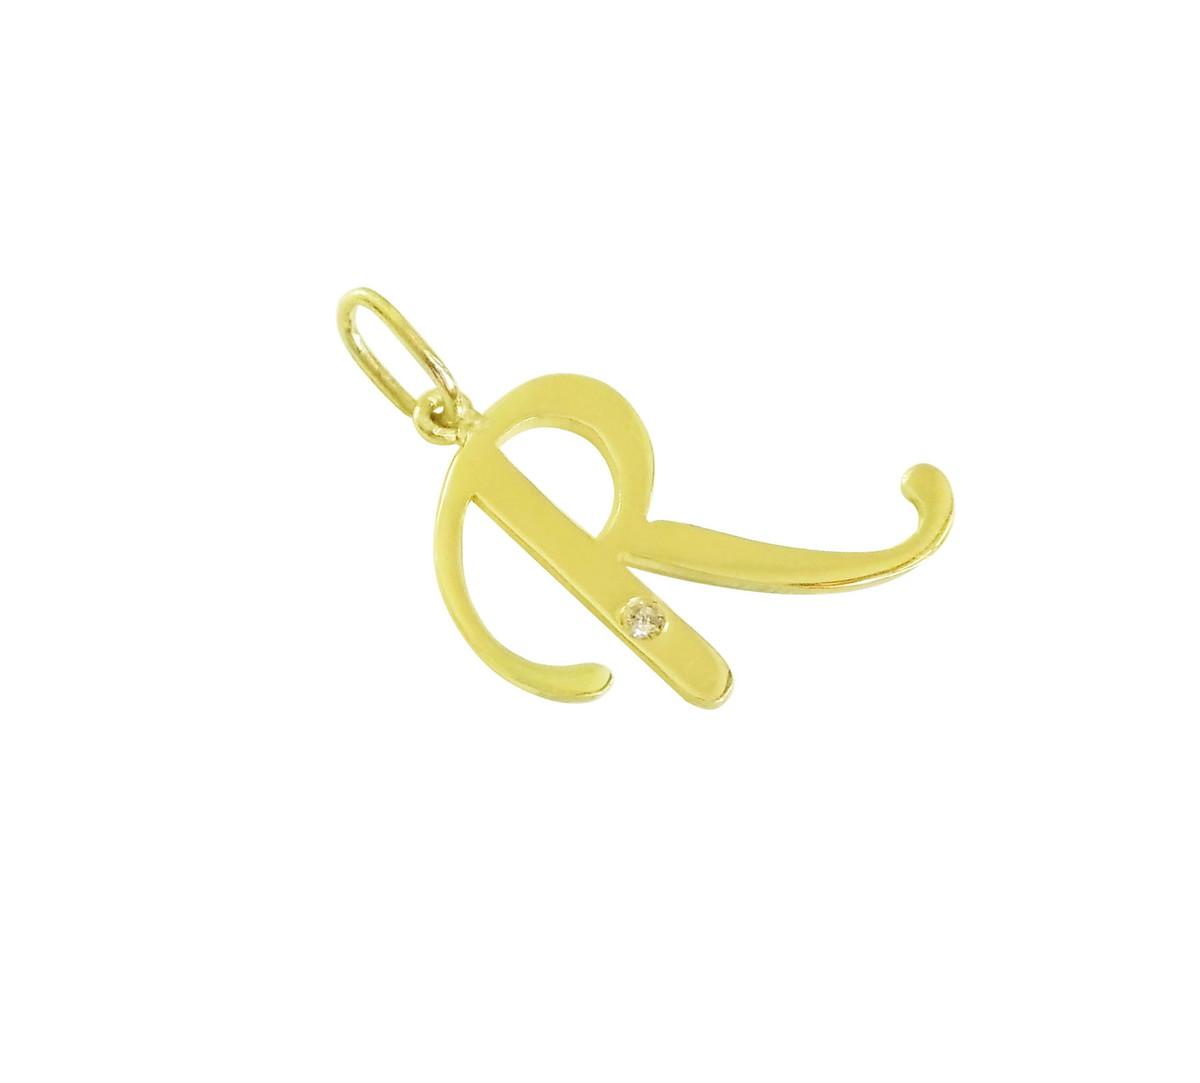 Pingente Letra R   Ouro 18k   Brilhante no Elo7   Atelier de Joias ... baddd93cb8